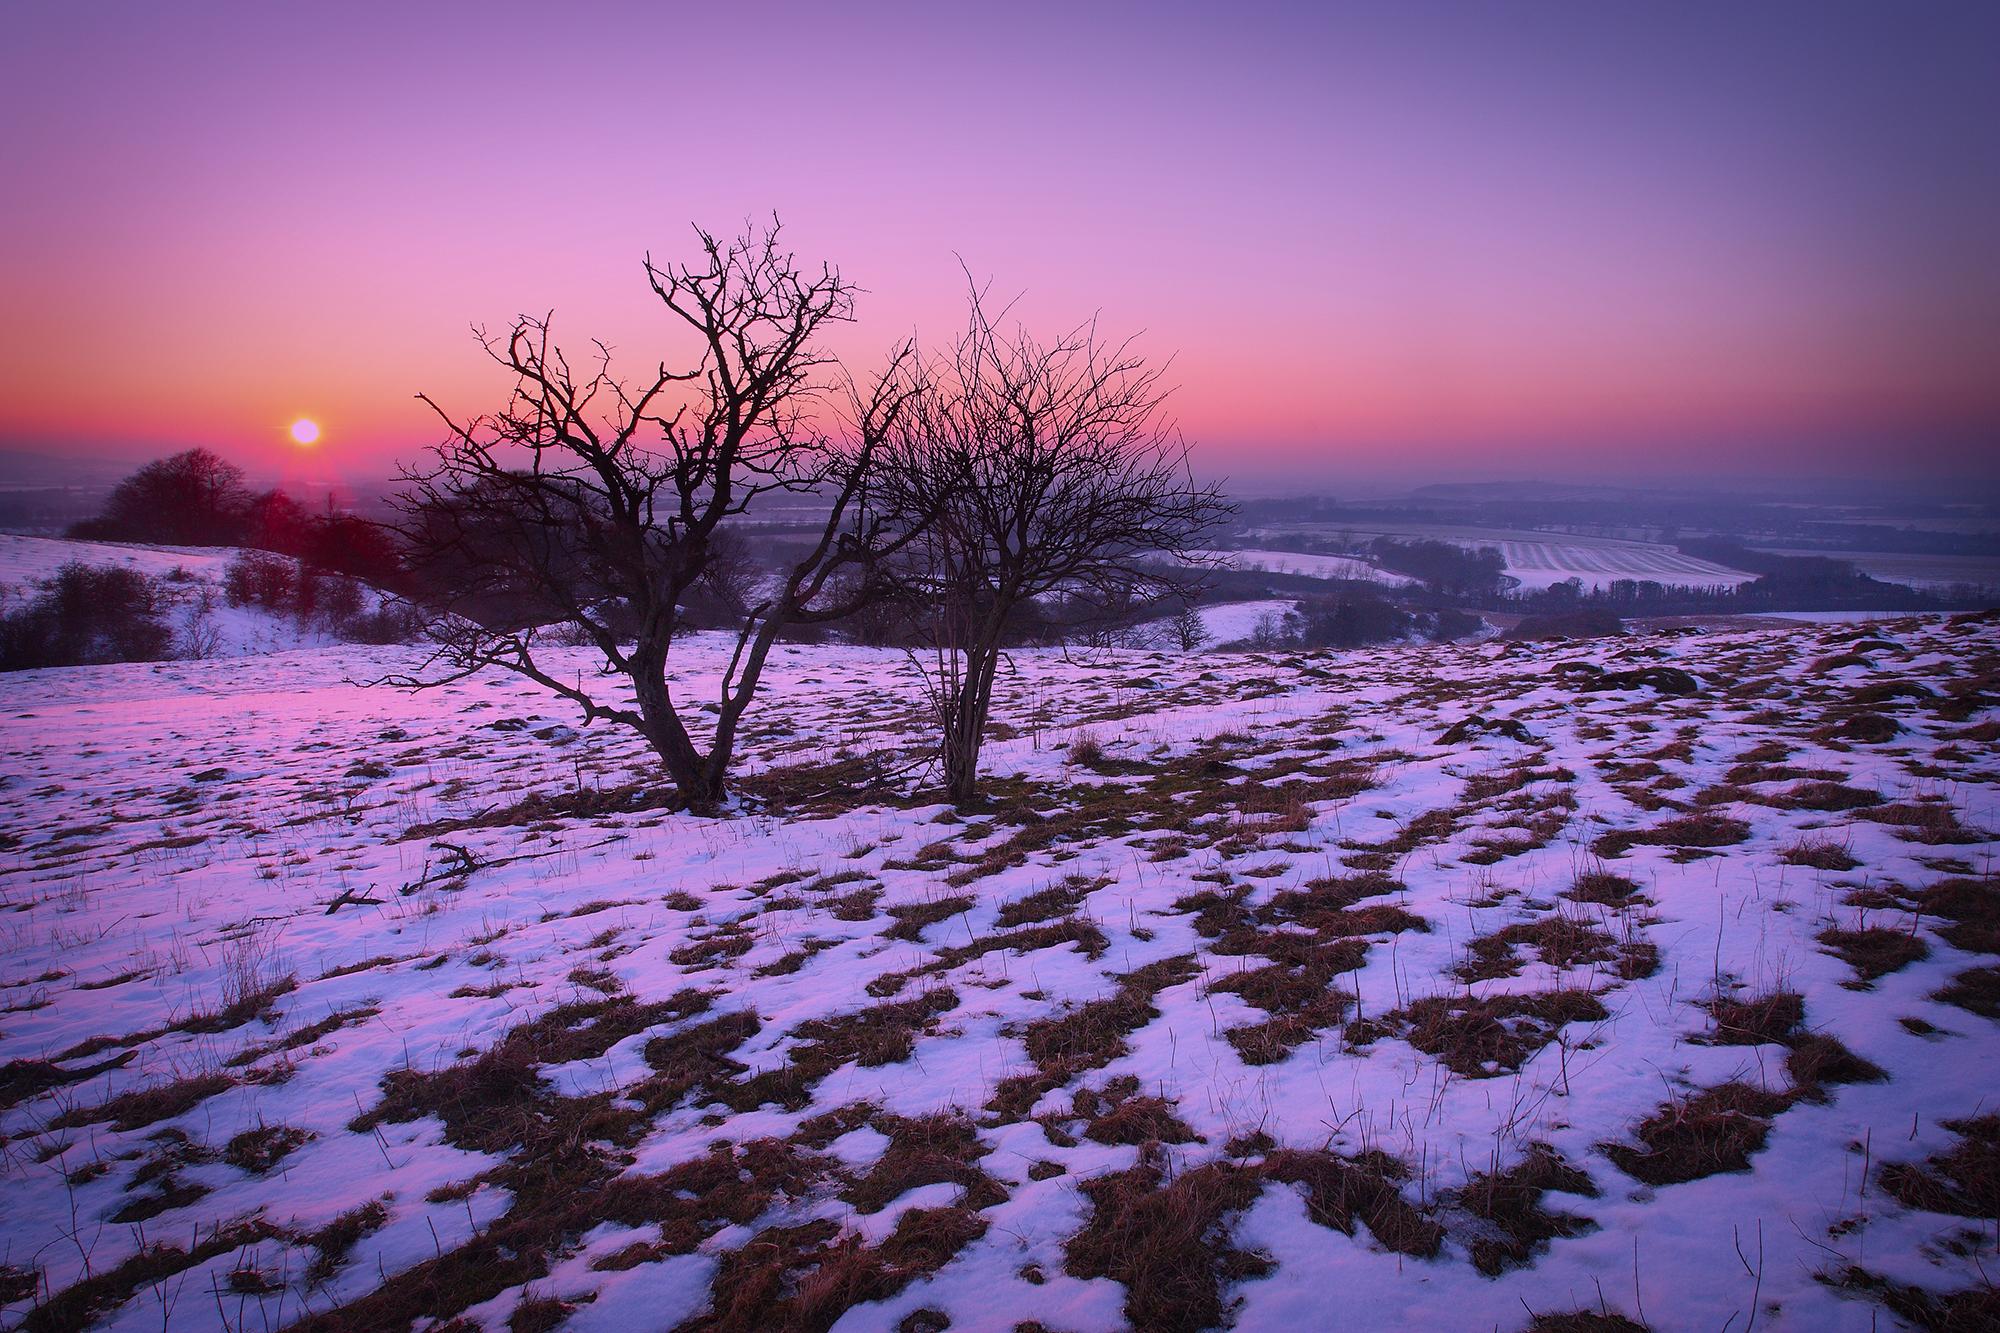 pitstone_winter_2.jpg